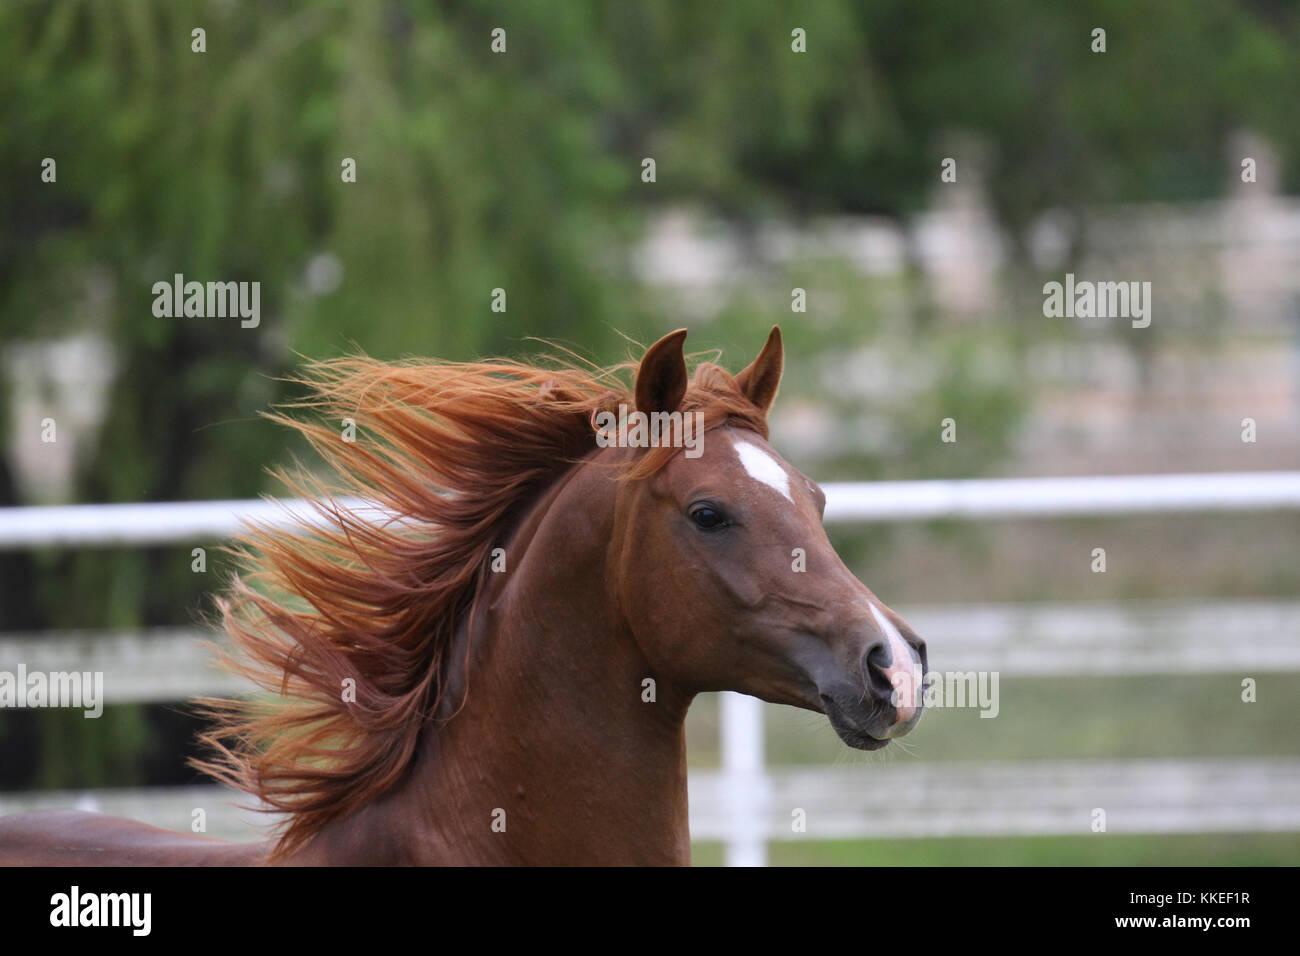 Chestnut arabischen Hengst Stockbild